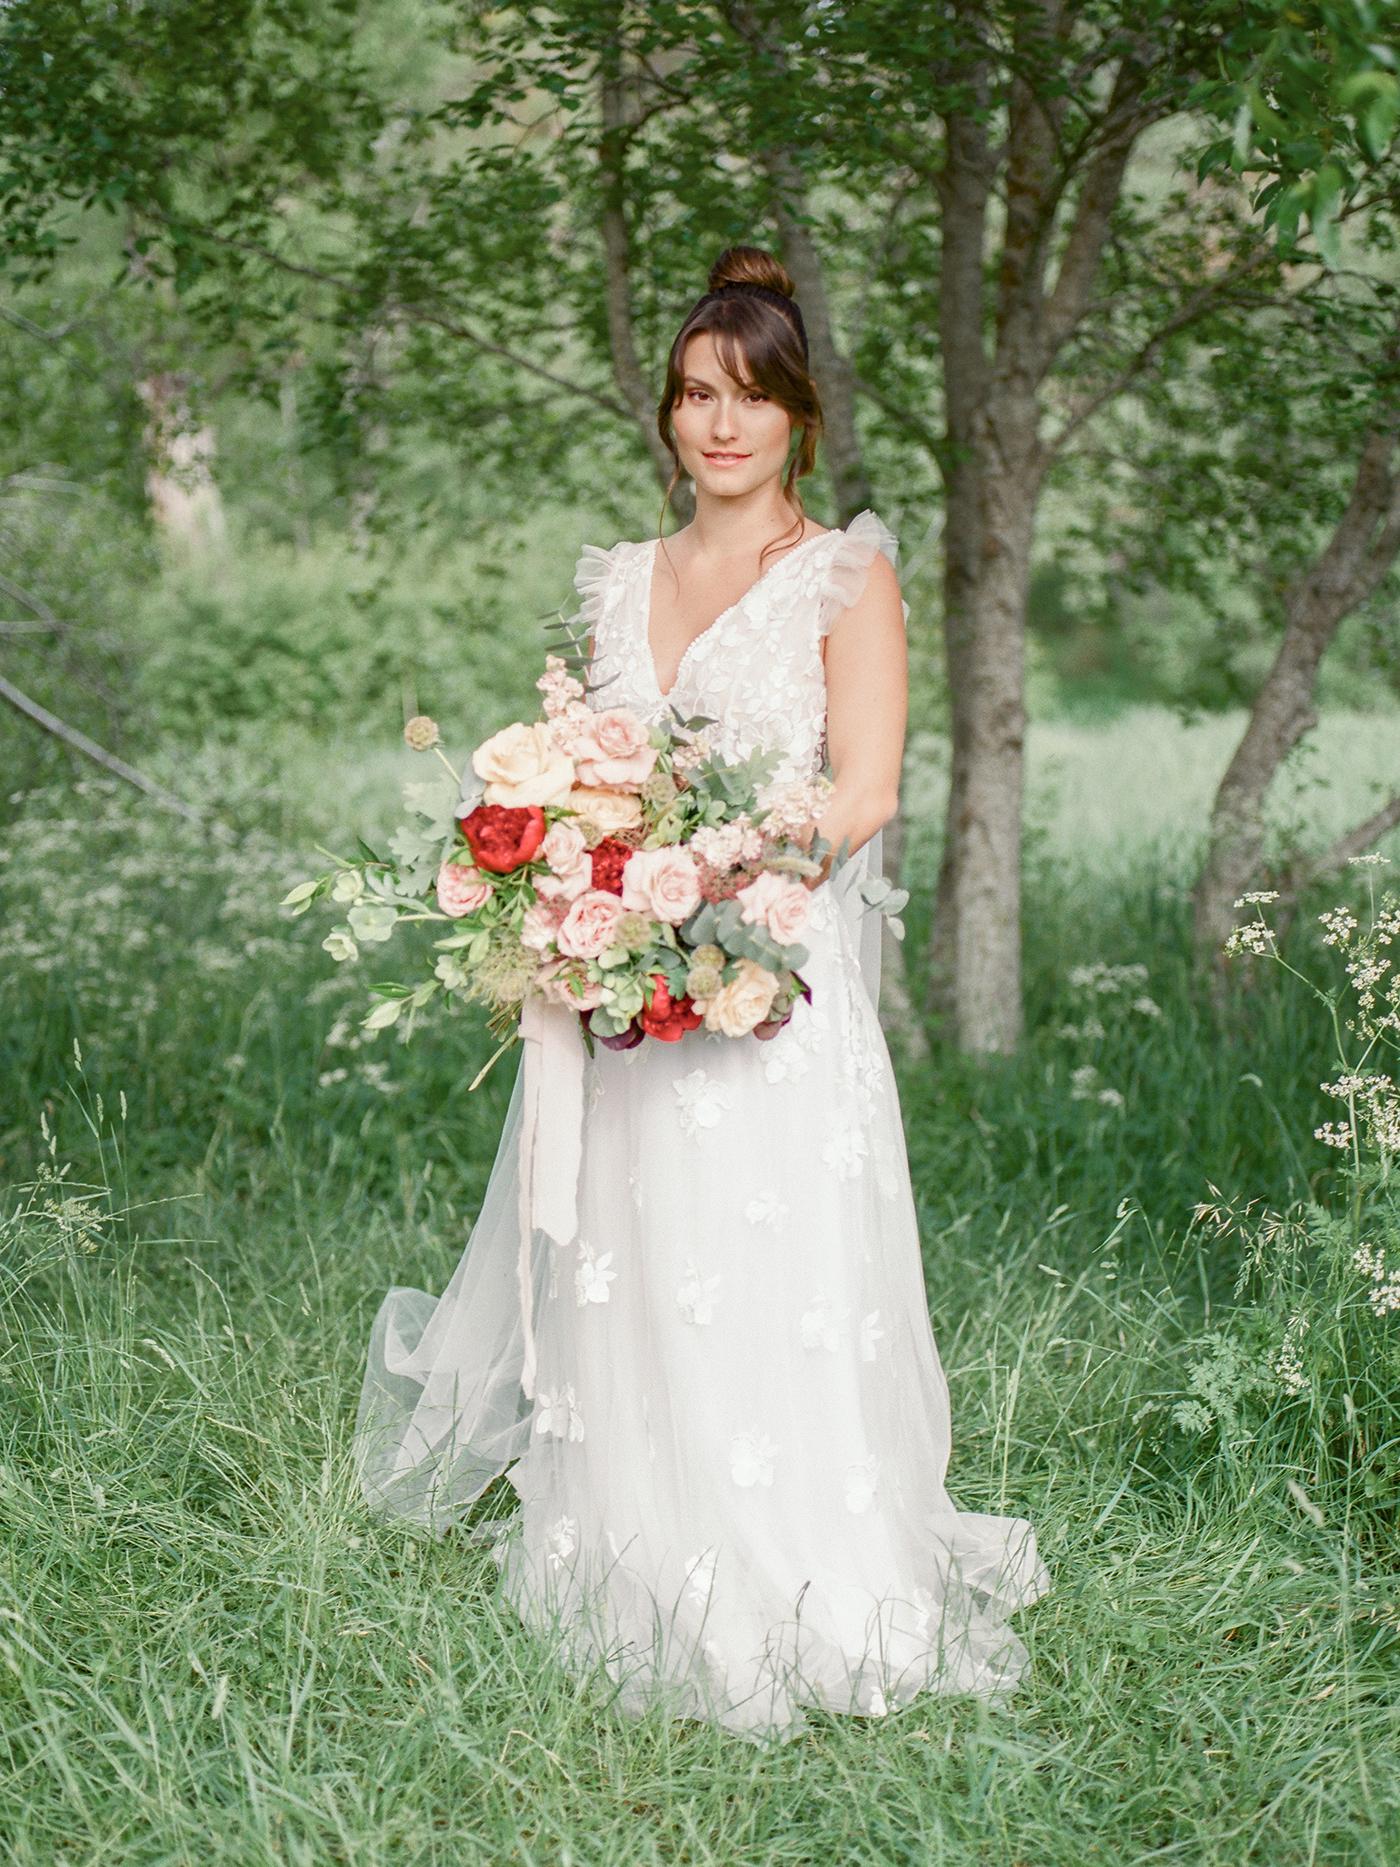 trouver-le-photographe-pour-son-mariage